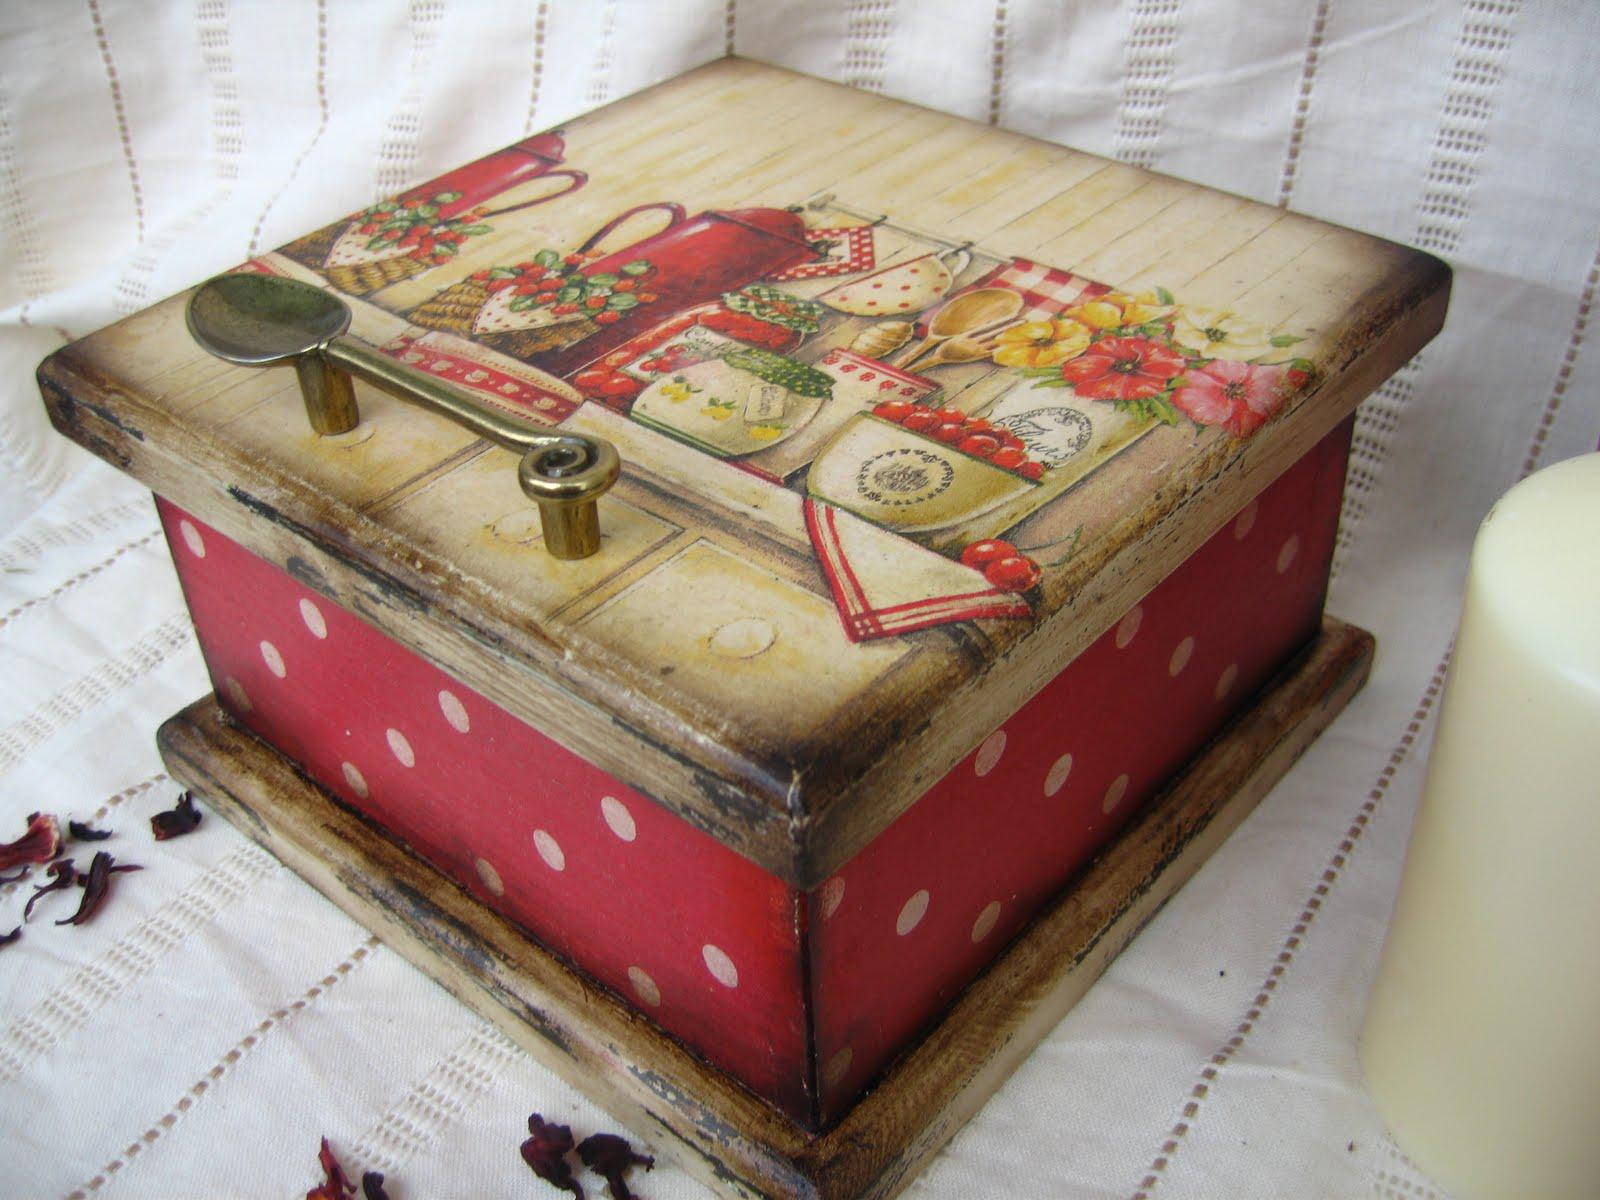 Декупаж коробок: мастер-класс оформления коробок салфетками. 120 фото пошагового описания техники для начинающих